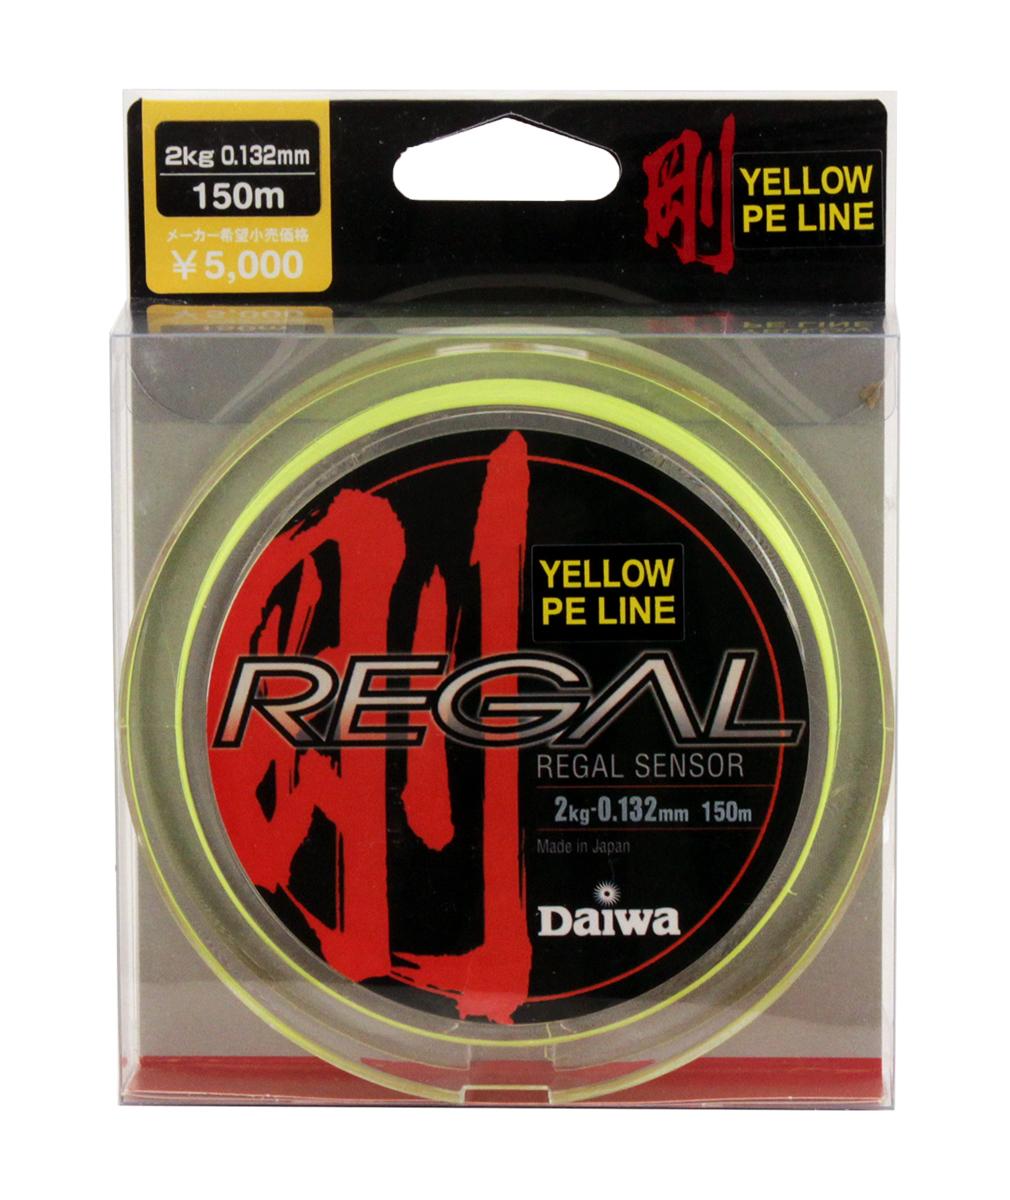 Леска плетеная Daiwa Regal Sensor, цвет: желтый, 0,132 мм, 150 м леска плетеная sufix pe glide master цвет желтый 0 14 мм 135 м 8 4 кг